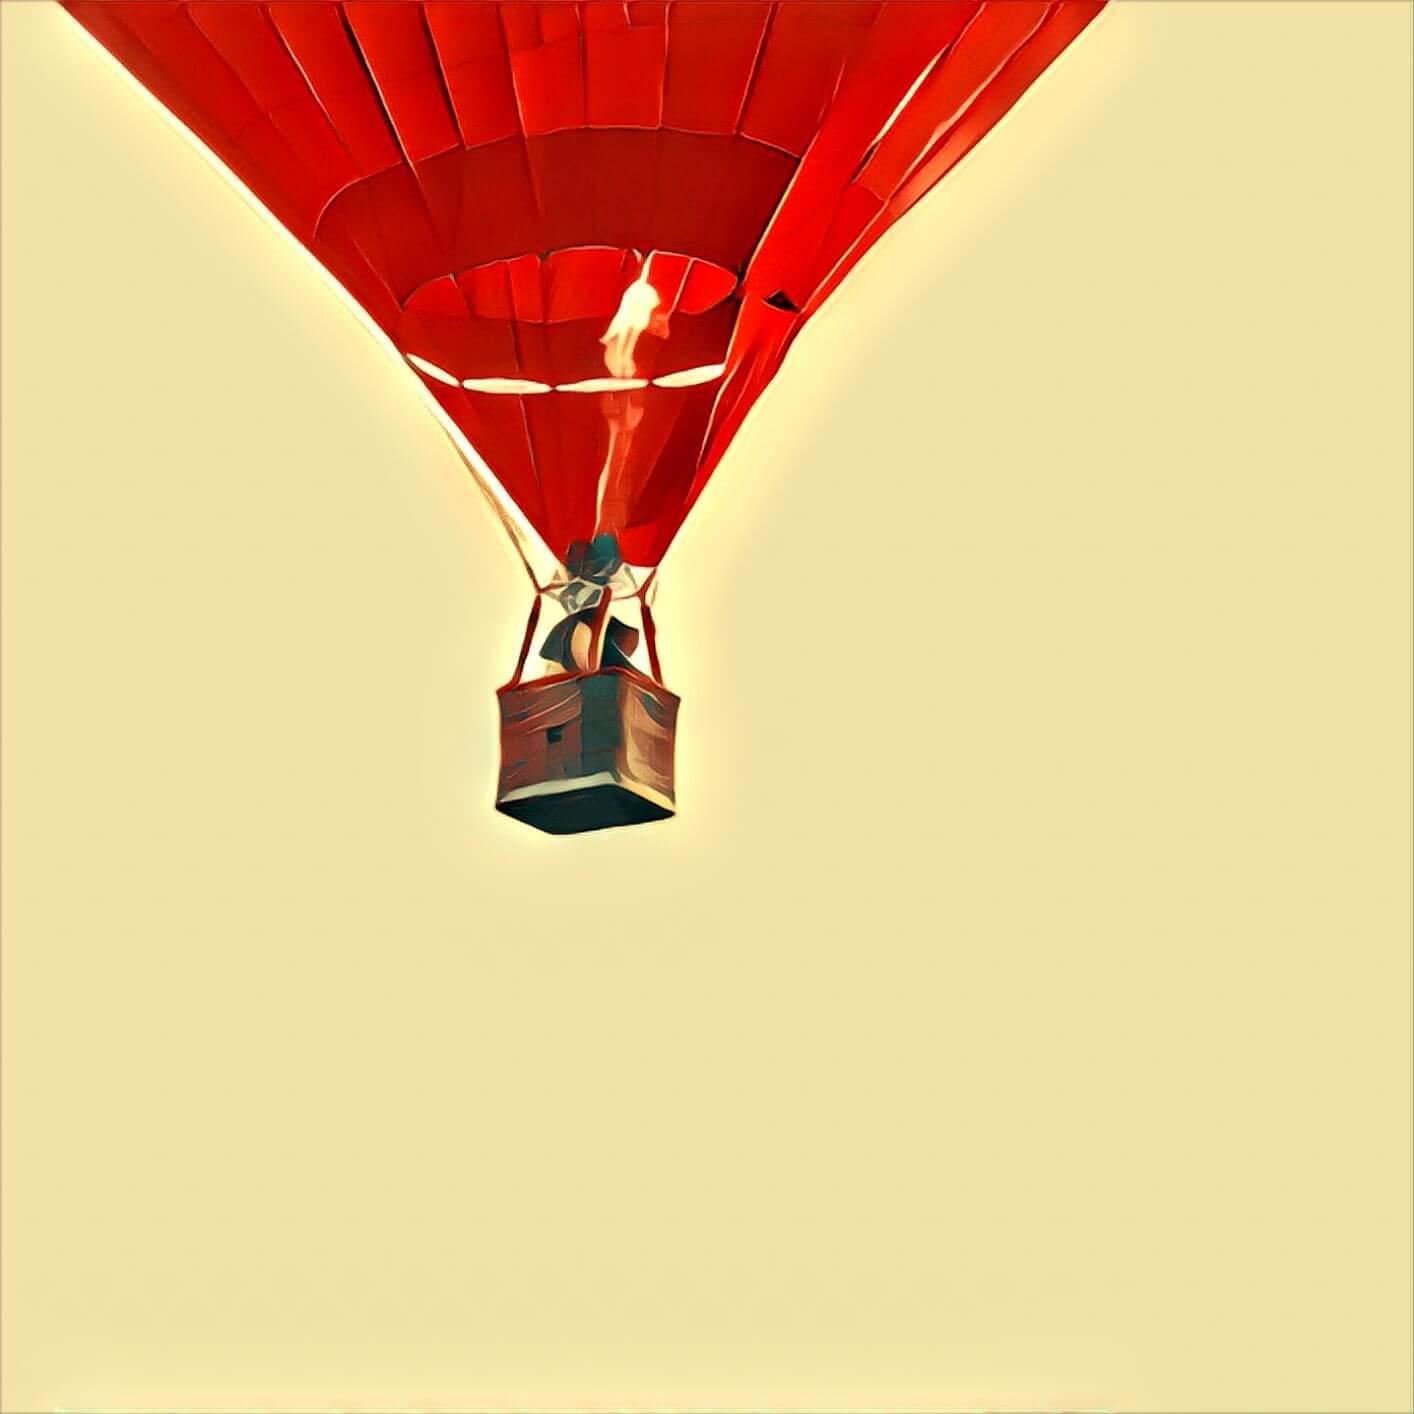 Traumdeutung Heißluftballon